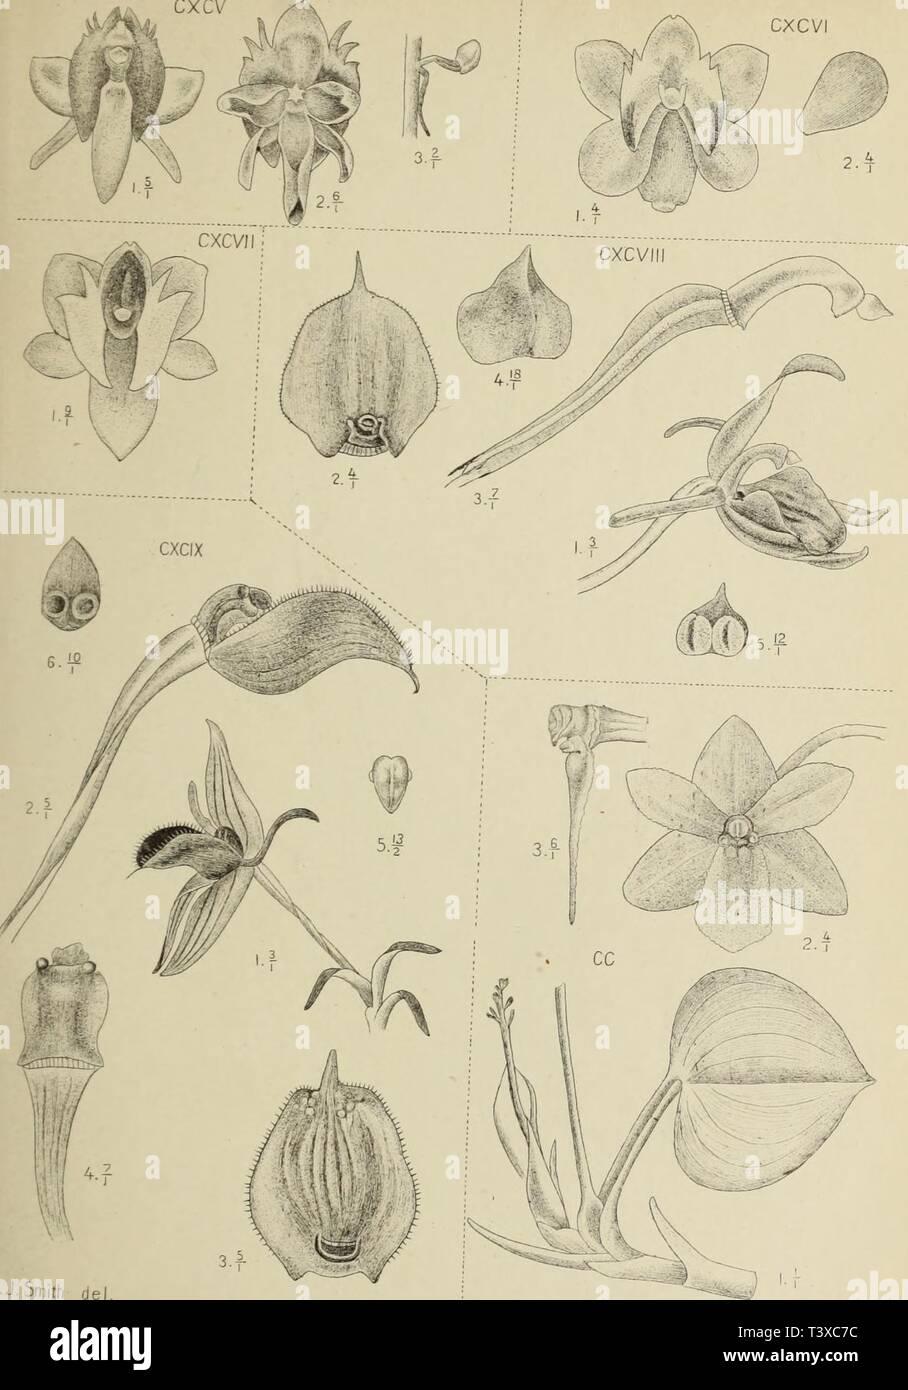 Archive image from page 162 of Die orchideen von Java (1905). Die orchideen von Java  dieorchideenvonj16smit Year: 1905  cxcv CXCVI    J.J.Smith del cxcv. Microstyäs oculata Rchb.f. occw comrrwMnifblia 'Zoll. T LlpanS TÜTl L»dL, °*r- brevixtyUs JJS M.Kromohardjo lith cxcv:. Mterostylis obovata J../. S m.Lwarü montana Lndl t radescantilfolia L ndl. - Stock Image